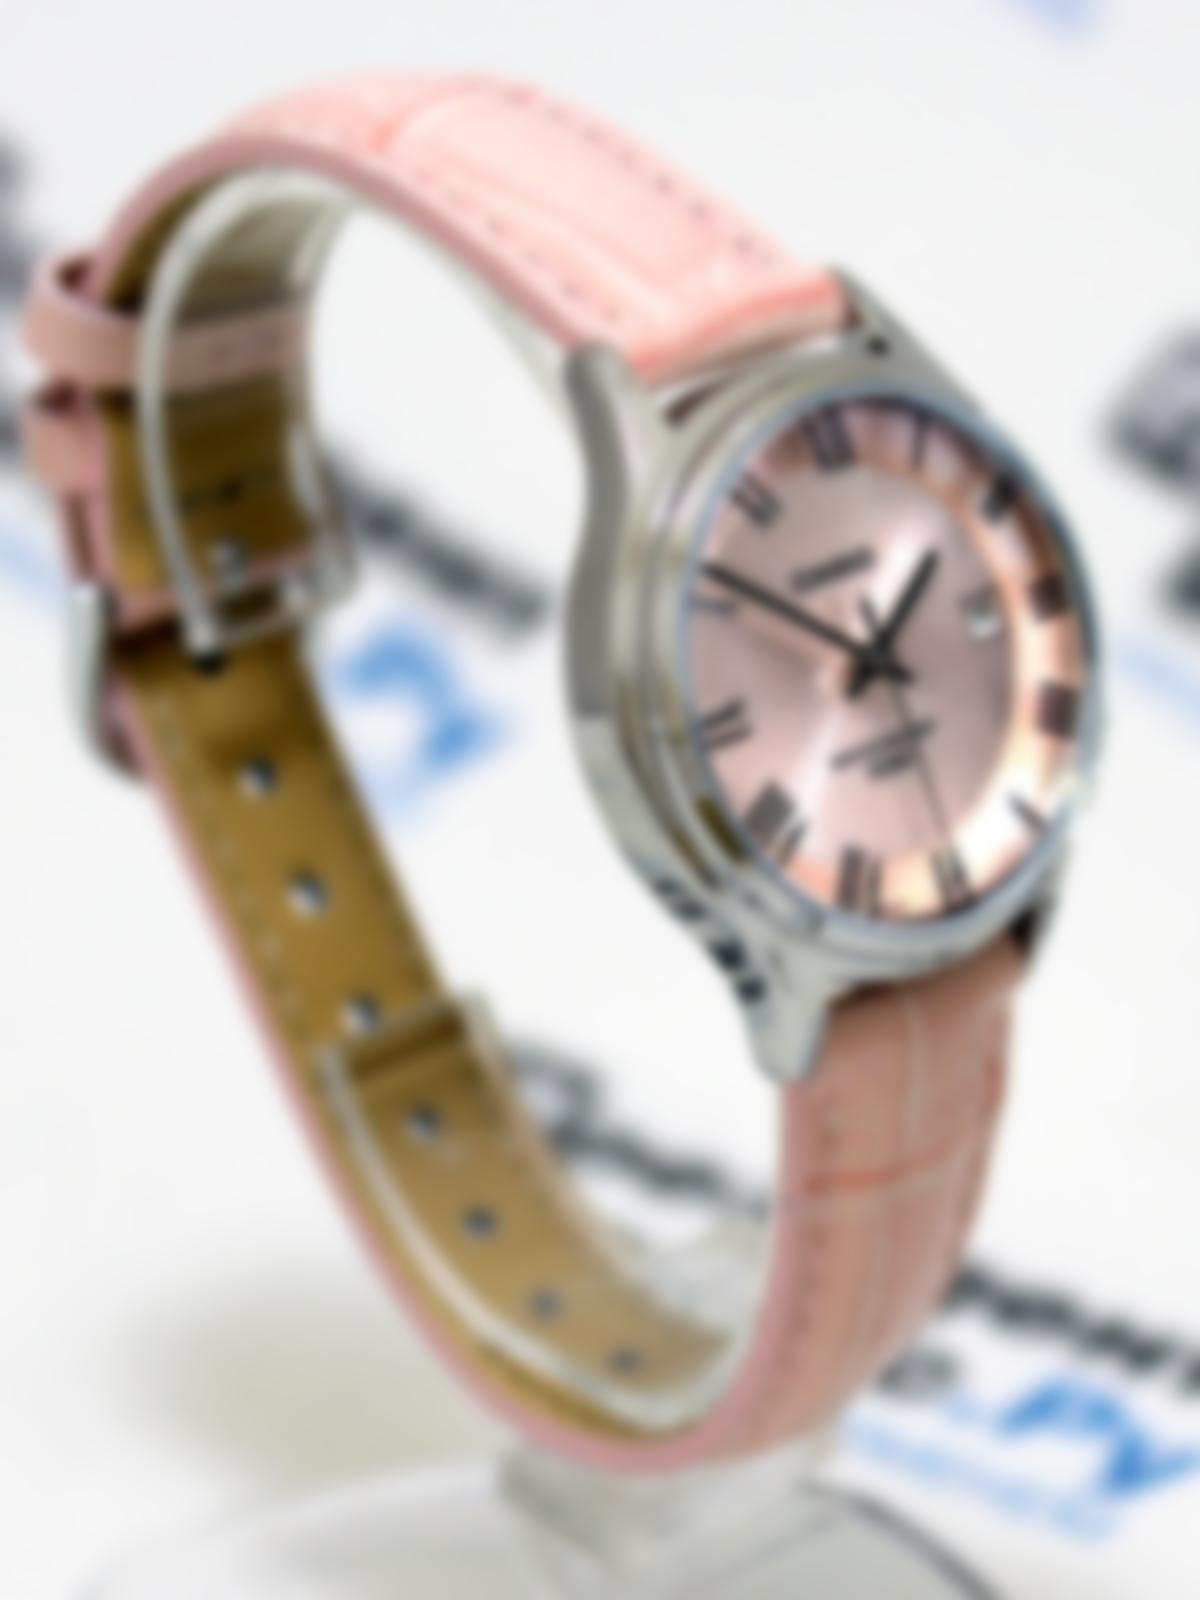 Касио давно пользуется заслуженной популярностью за высокое качество  часового механизма, оригинальность дизайна и разнообразие моделей. a343e744c1a